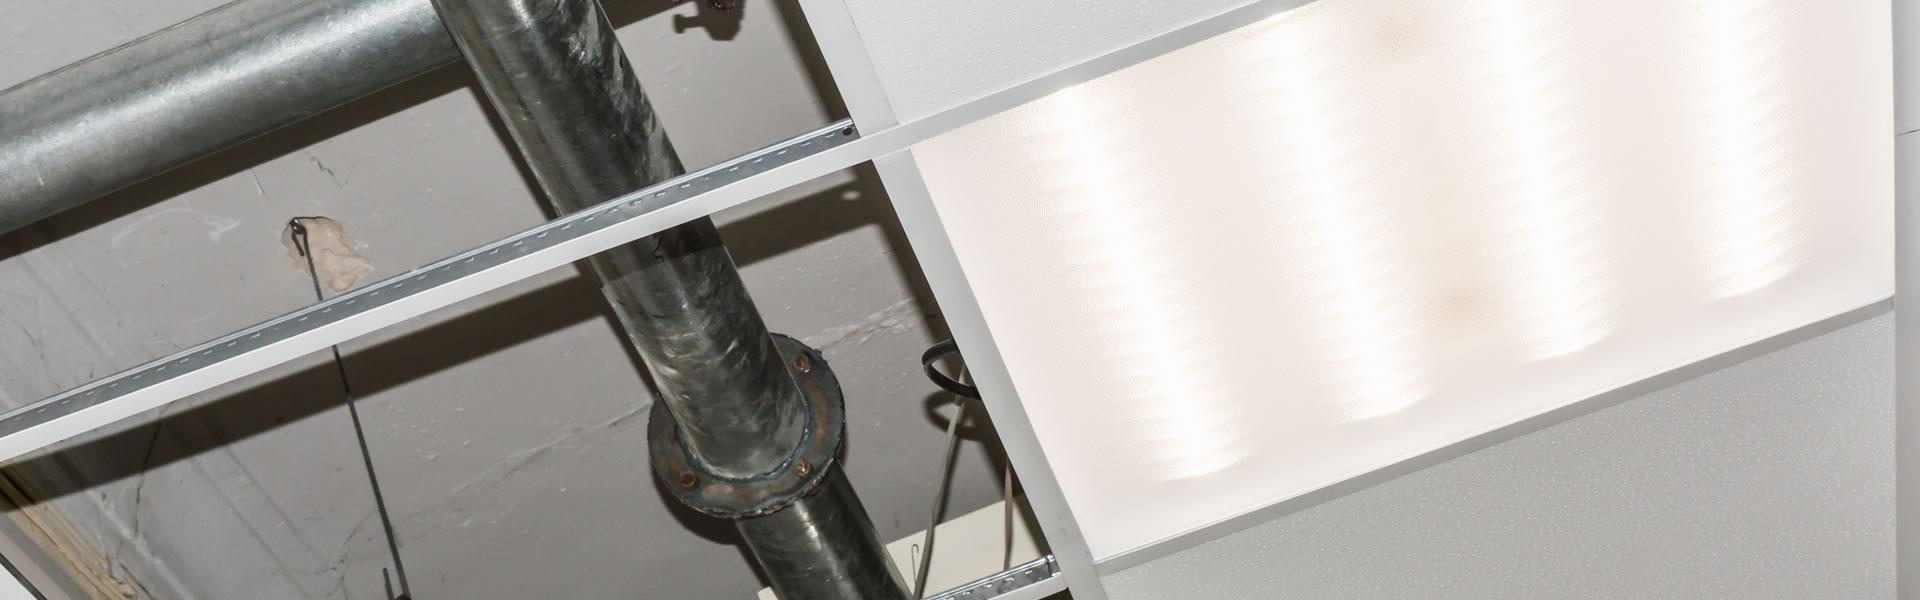 Goulotte Pour Plafond comment cacher des canalisations après construction ?